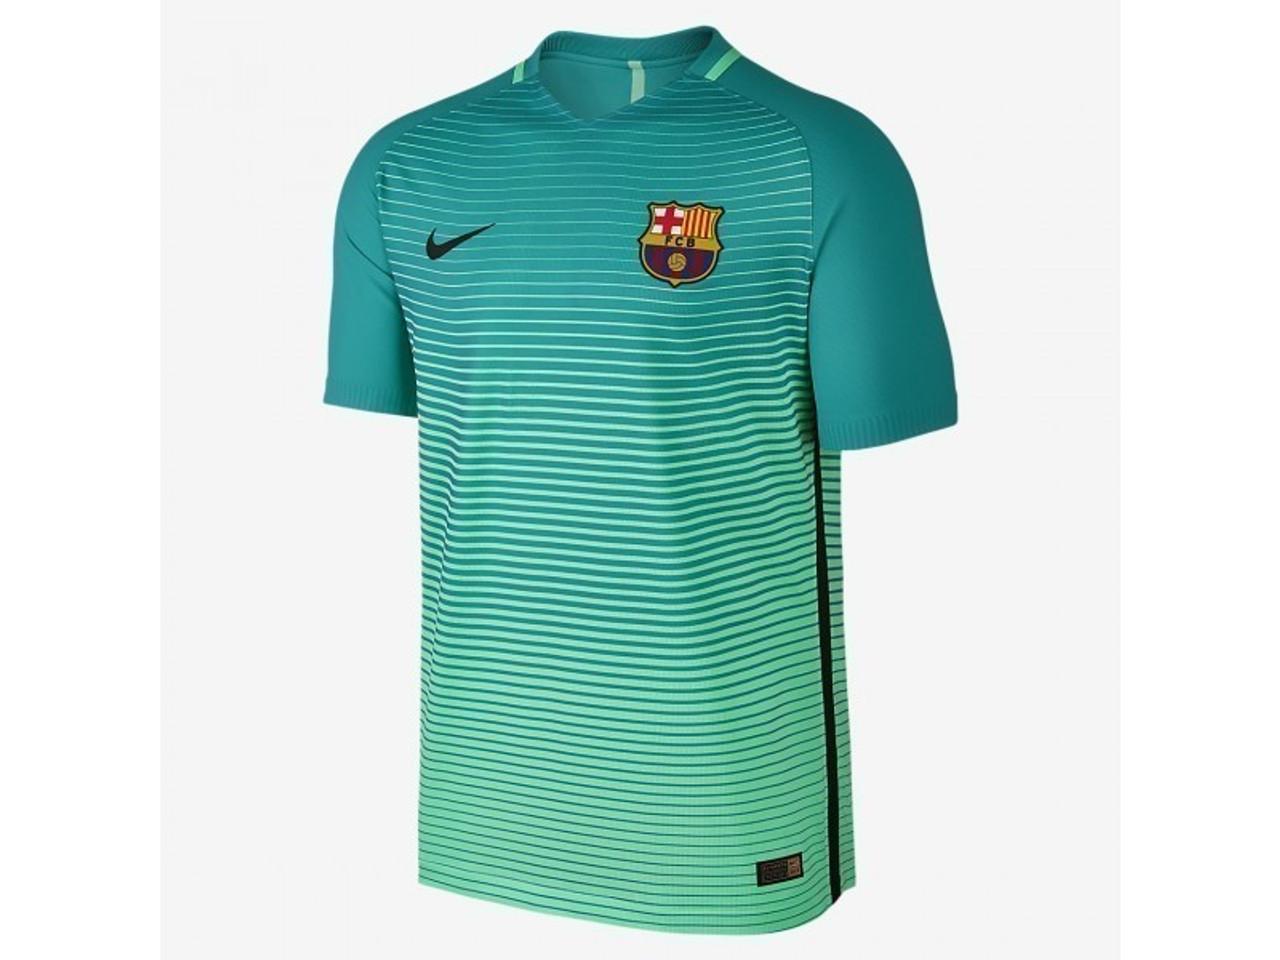 e8c548c35 NIKE BARCELONA 2017 Vapor Match 3RD Soccer Jersey - Soccer Plus